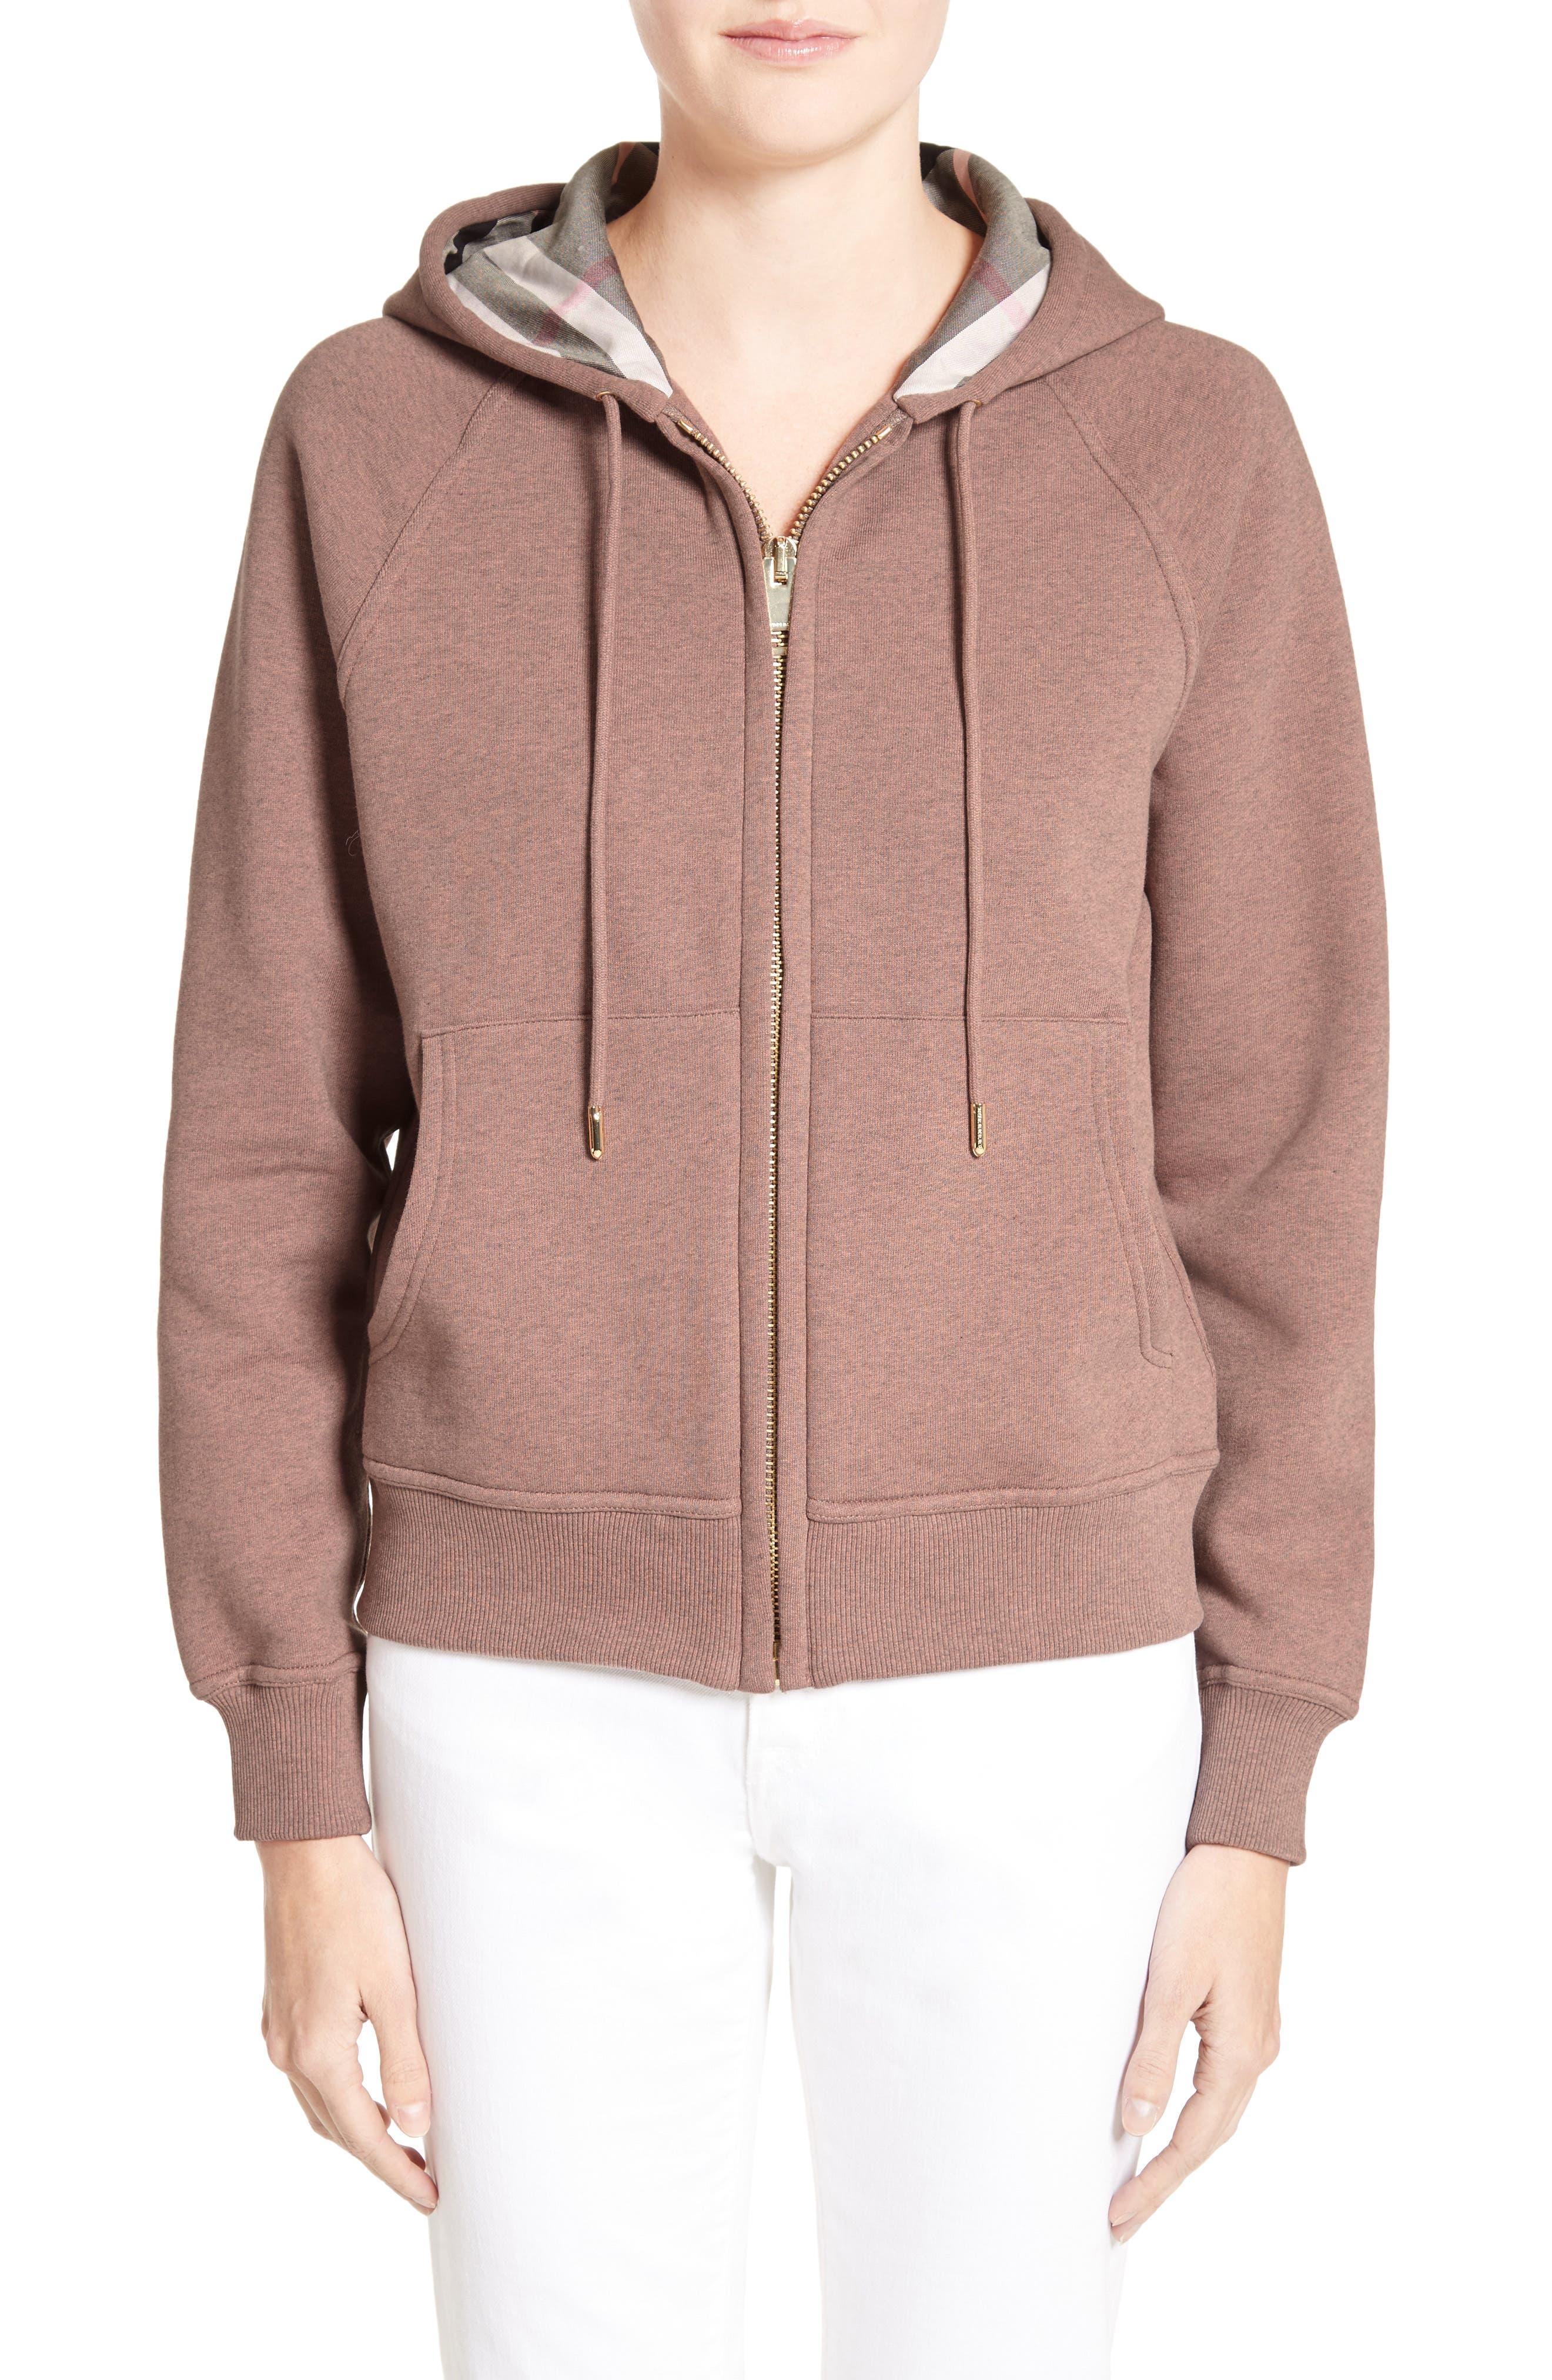 burberry hoodie pink